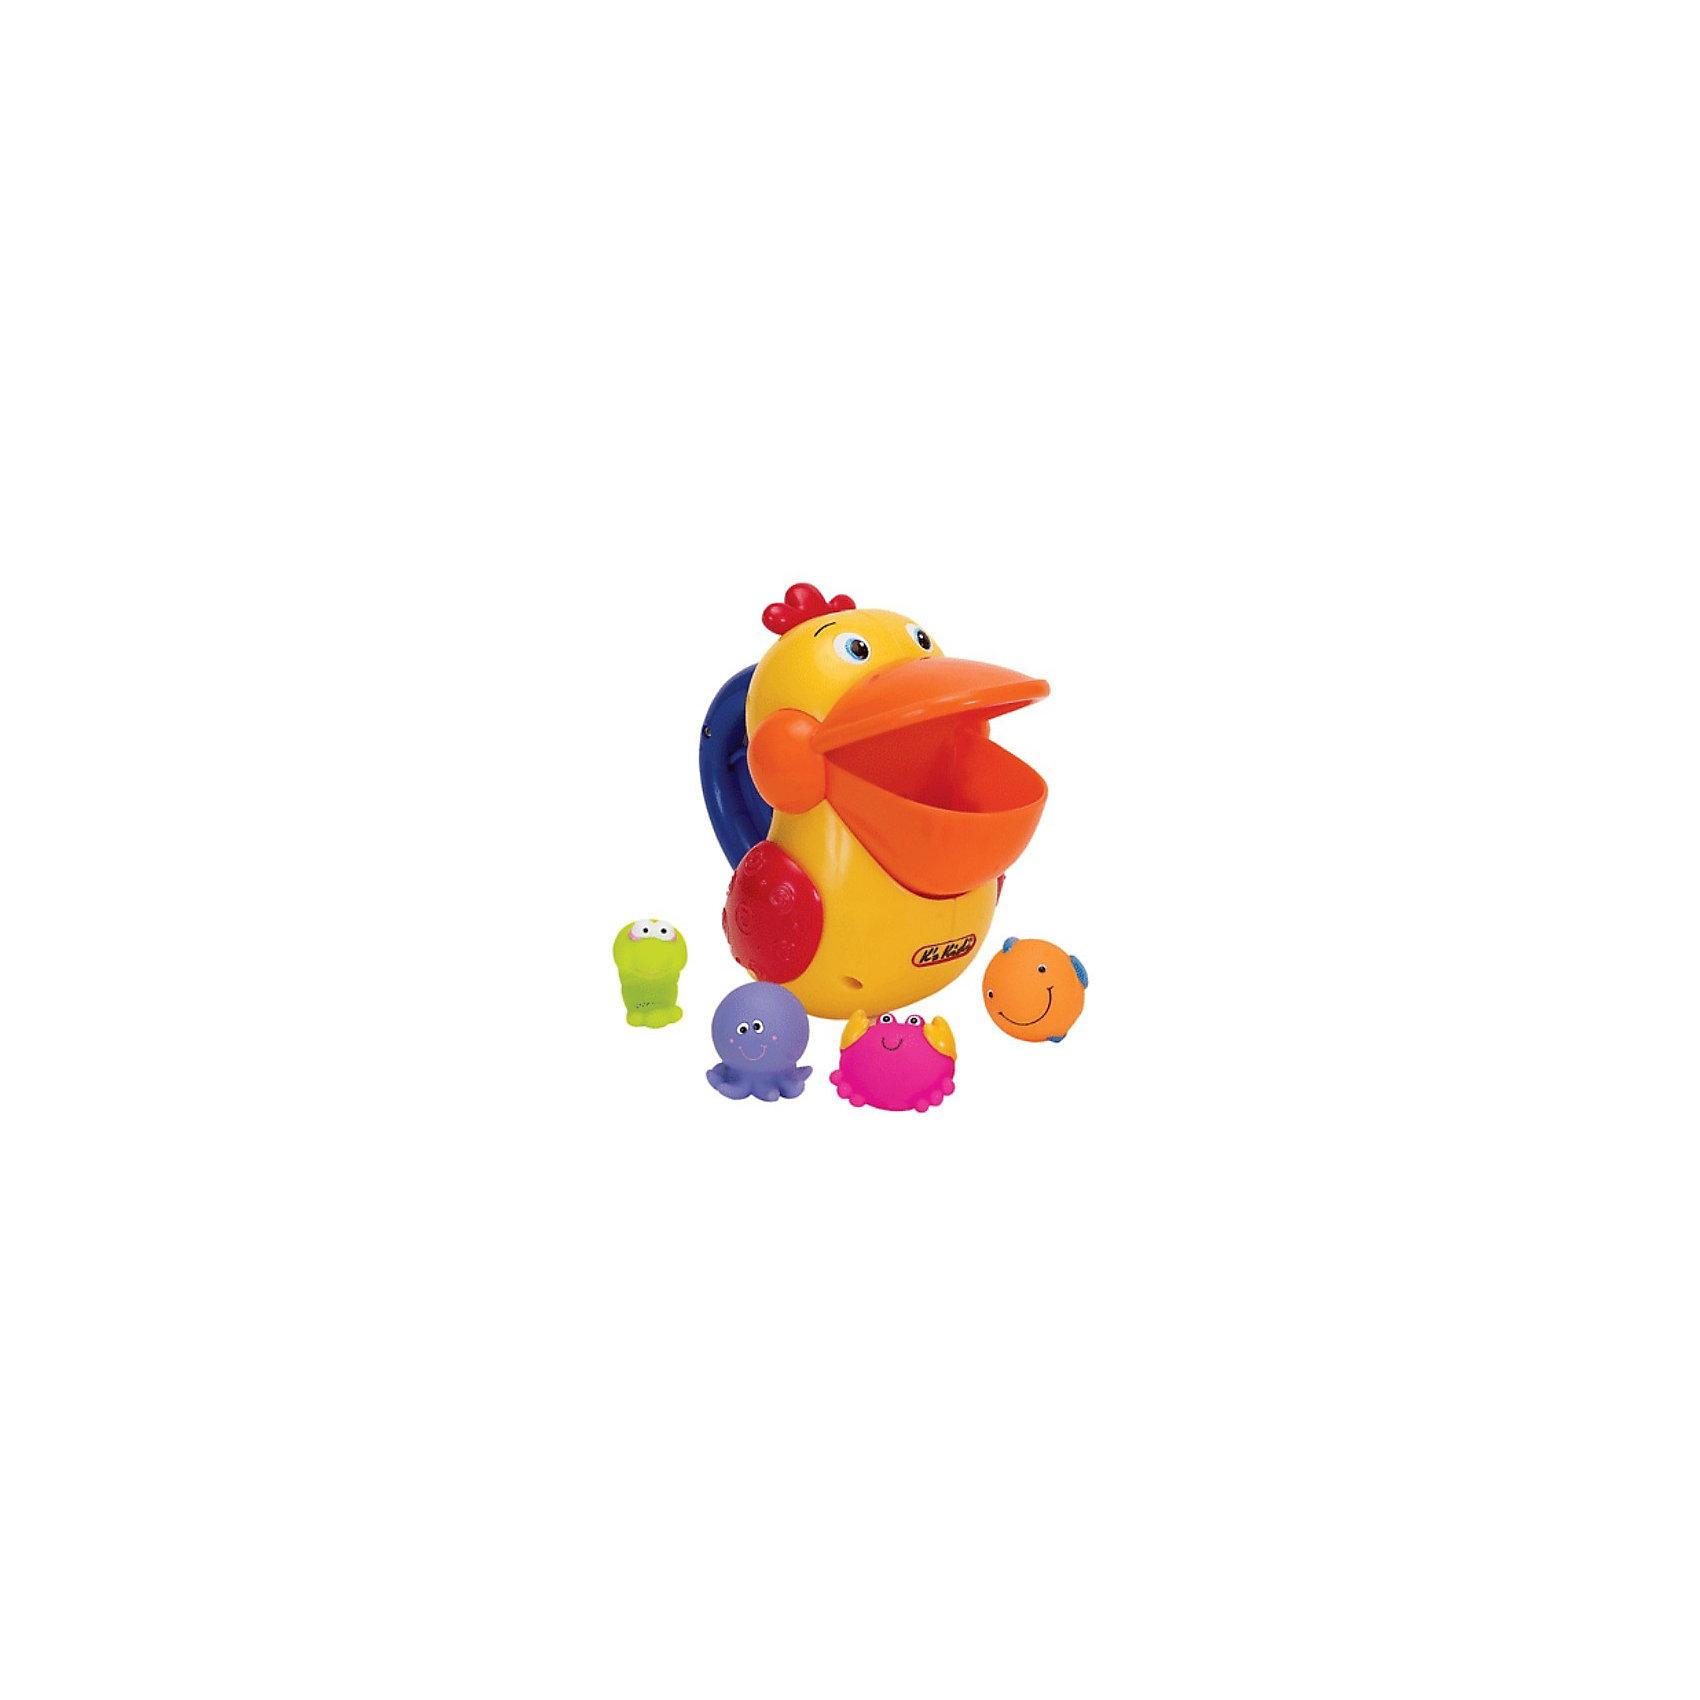 Ks Kids Голодный пеликан для ваннойУвлекательная игрушка для ванной Голодный Пеликан.<br><br>Можно взять Пеликана за ручку с большой кнопкой (на кнопке - специальные углубления, чтобы ручка малыша не скользила во время игры) и просто зачерпываем клювом Пеликана всю живность, которая плавает в воде.<br>Клюв Пеликана имеет много маленьких дырочек, через которые вода вытекает, а игрушка остается внутри. Если нажать на кнопку, Пеликан хлопнет крыльями и закроет клюв – проглотил добычу. Внизу у  Пеликана есть отверстие, через которое добыча ускользает обратно в воду.<br>Море эмоций и удовольствия Вашему малышу принесет это открытие.<br>Теперь надо Пеликана кормить снова!<br><br><br>Дополнительная информация:<br><br>В комплекте:<br>- Голодный Пеликан,<br>- фиолетовый осьминожек,<br>- оранжевая рыбка,<br>- розовый крабик<br>- зелёная креветка.<br><br>Материал: высококачественный пластик.<br><br>Размеры:<br>Пеликан – 19 х 12 х 16 см, морские обитатели - 4 х 3,5 х 3 см.<br>Упаковка: 29 х 14,5 х 23 см.<br>Возраст: от 1 года.<br><br>Прекрасная игрушка, стимулирует восприятие цветов, мелкую моторику и координацию движений малыша!<br><br>Ширина мм: 290<br>Глубина мм: 230<br>Высота мм: 150<br>Вес г: 267<br>Возраст от месяцев: 12<br>Возраст до месяцев: 36<br>Пол: Унисекс<br>Возраст: Детский<br>SKU: 2148756